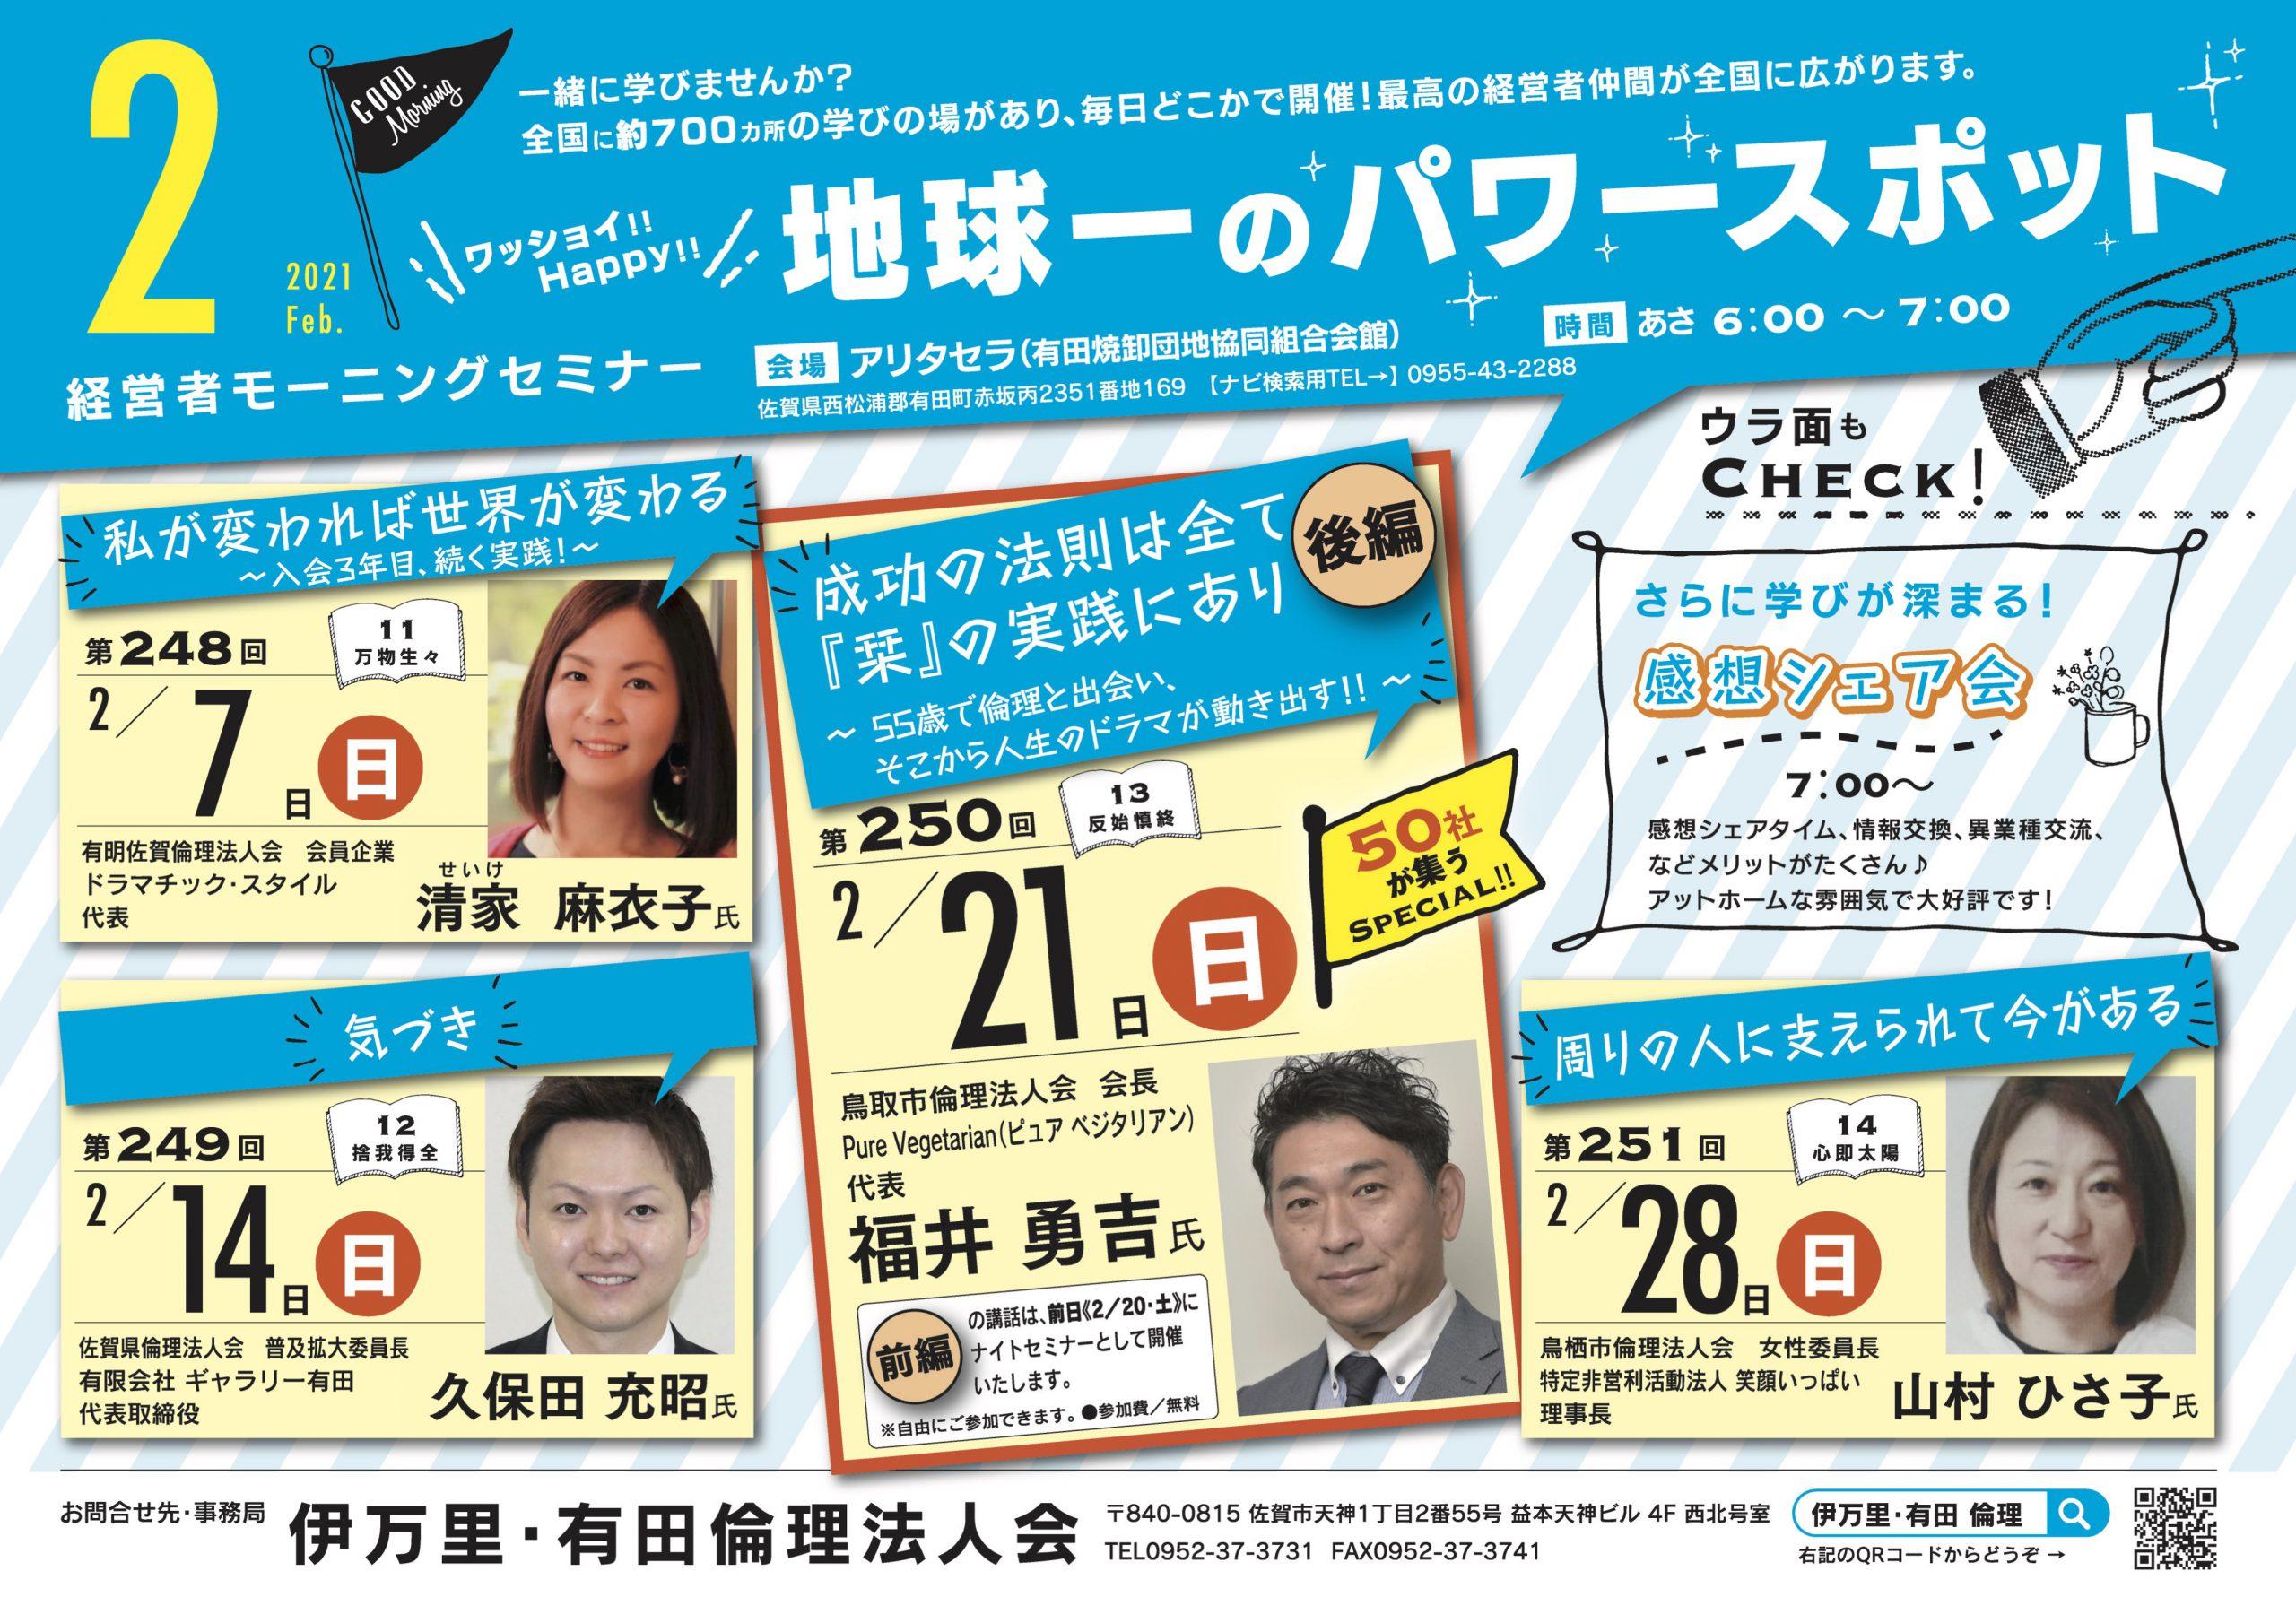 【伊万里・有田倫理法人会】2021年2月経営者モーニングセミナー